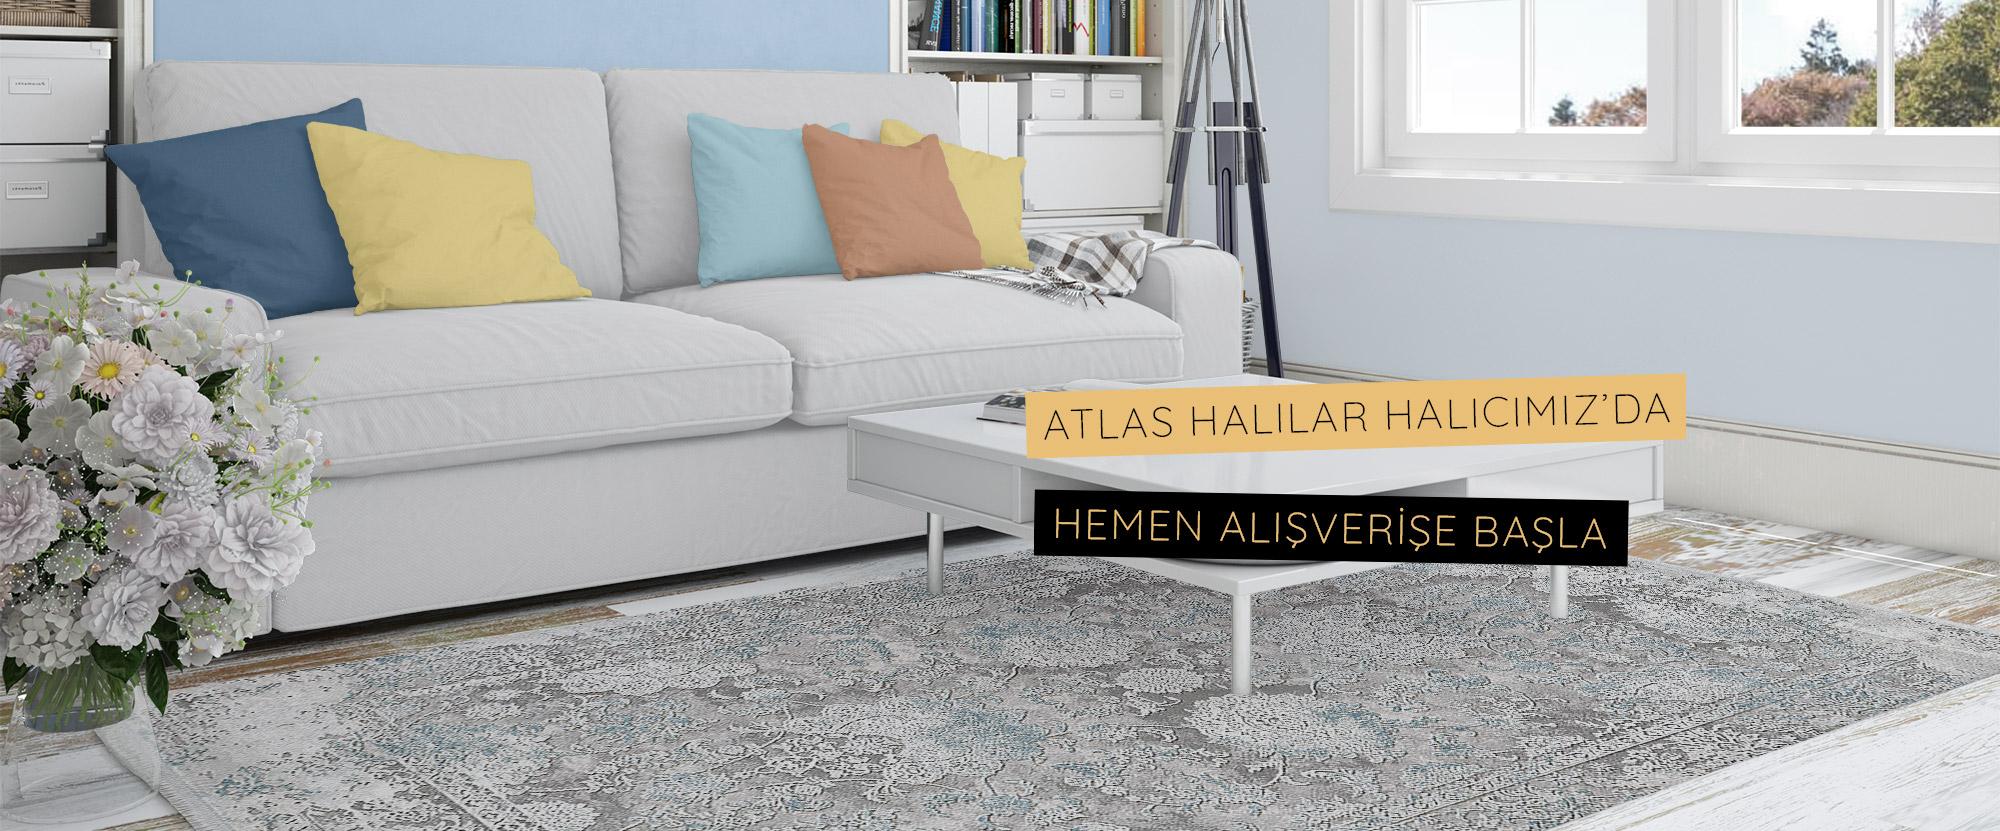 halicimiz.com